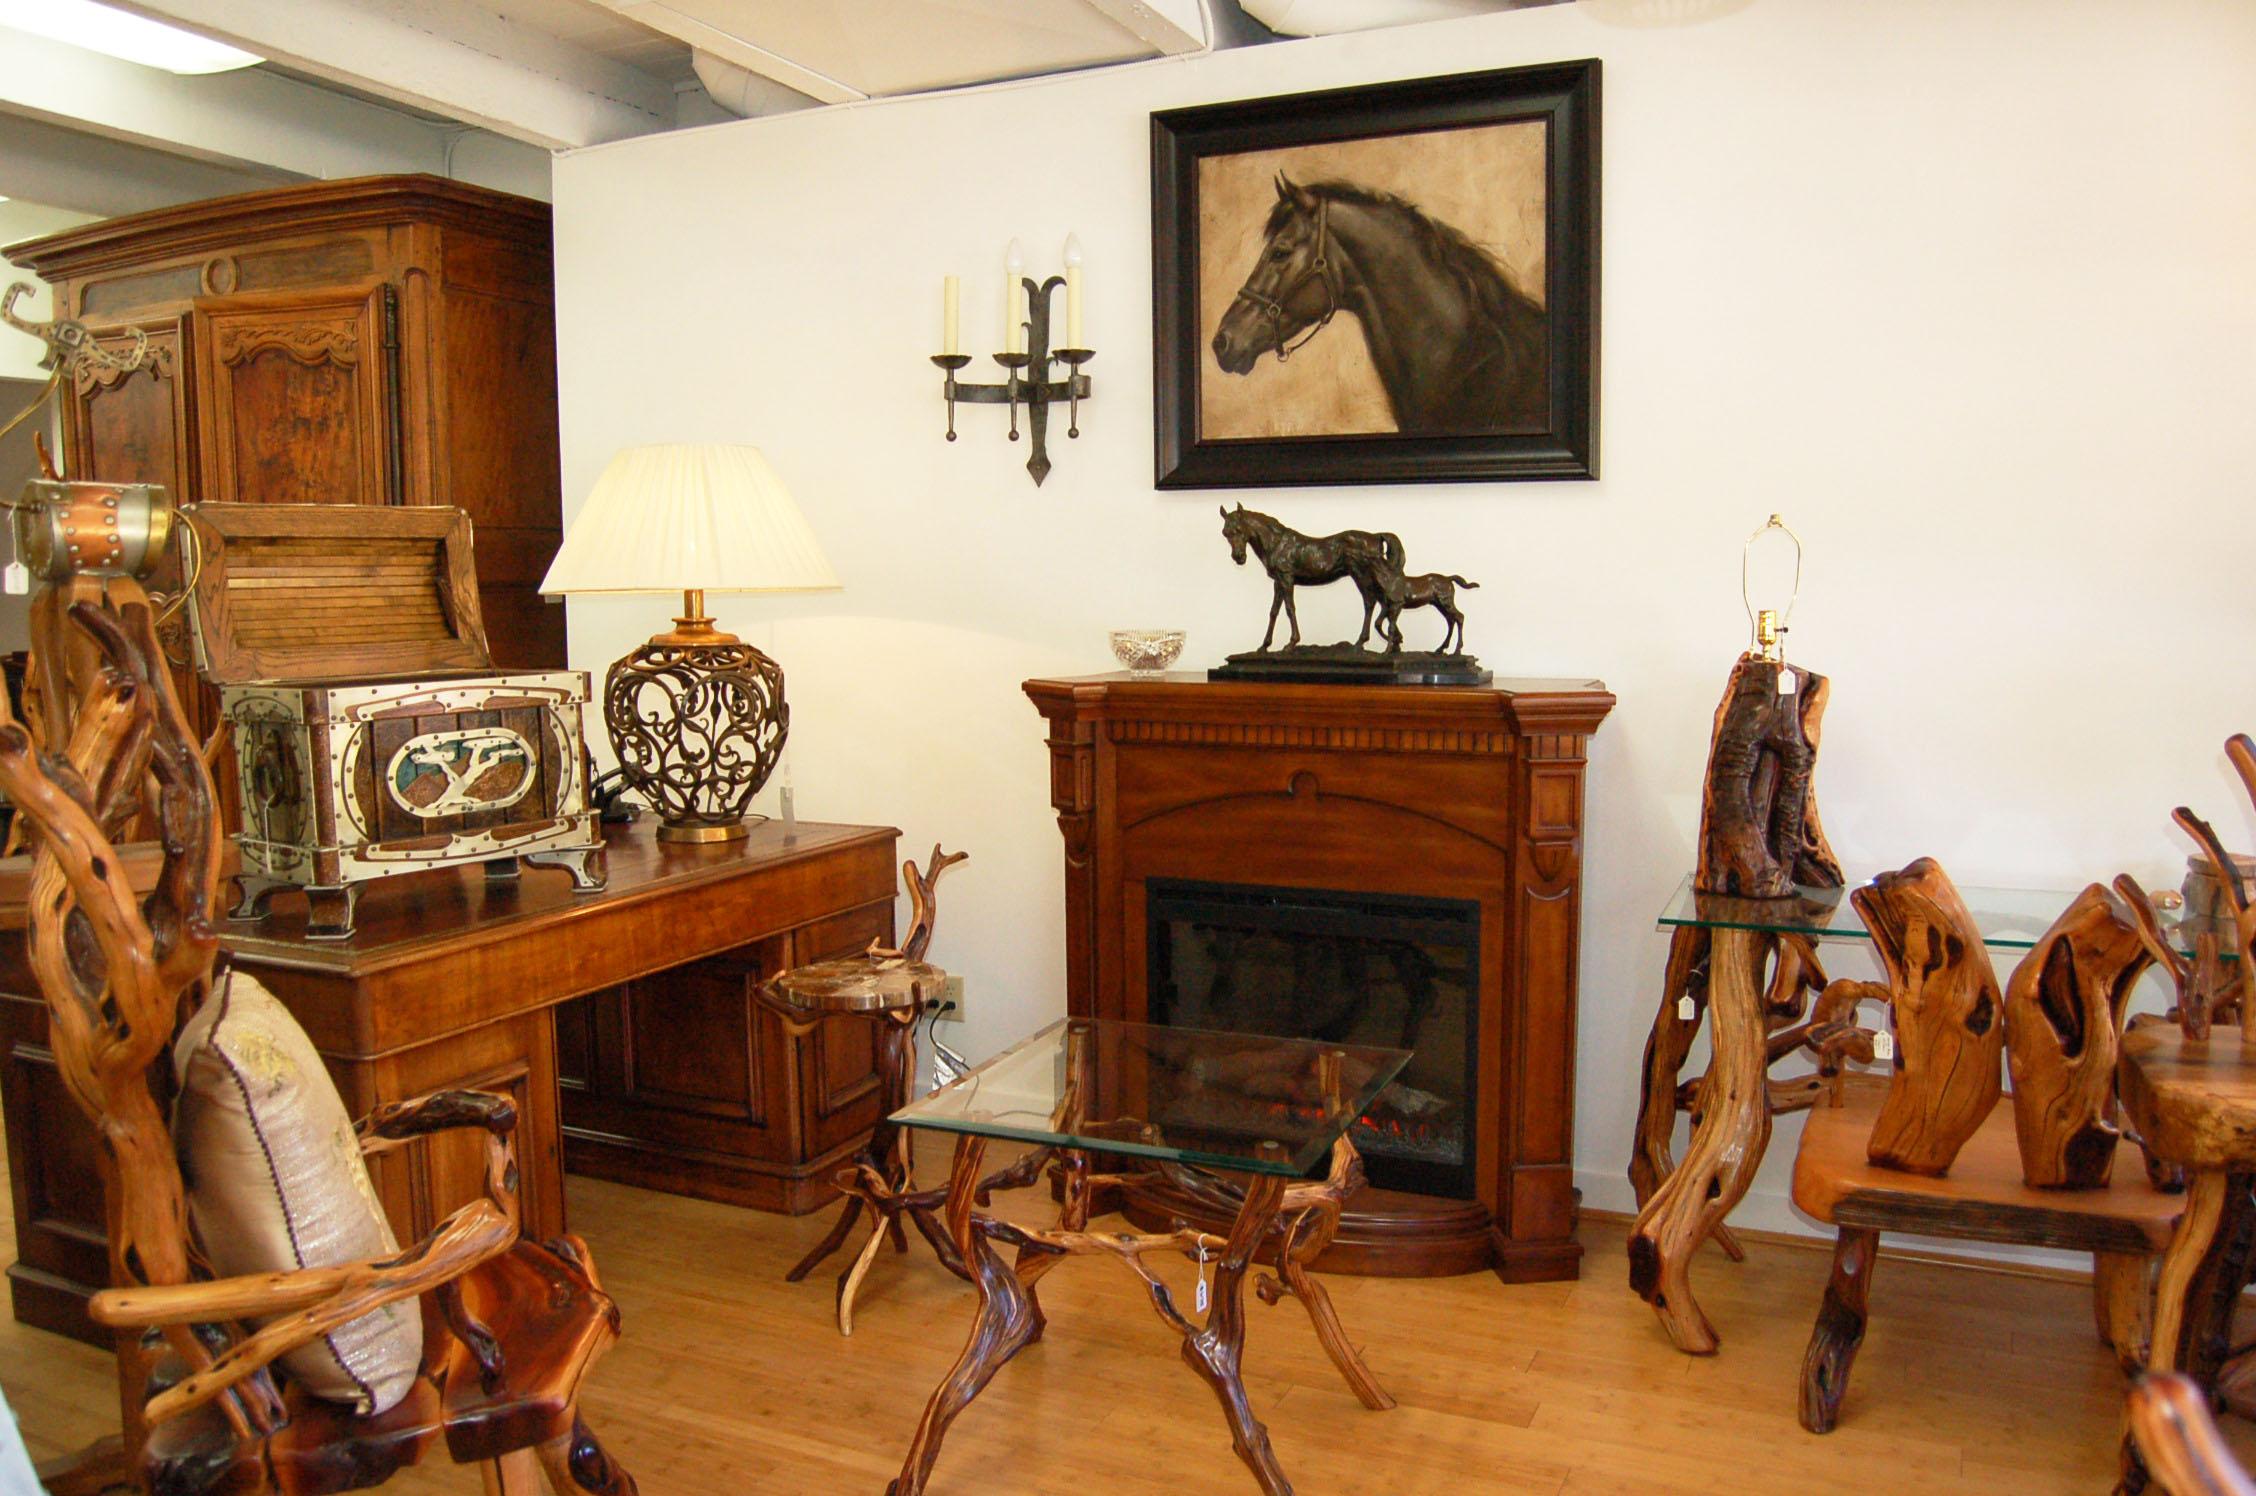 Exquisite furniture and artwork